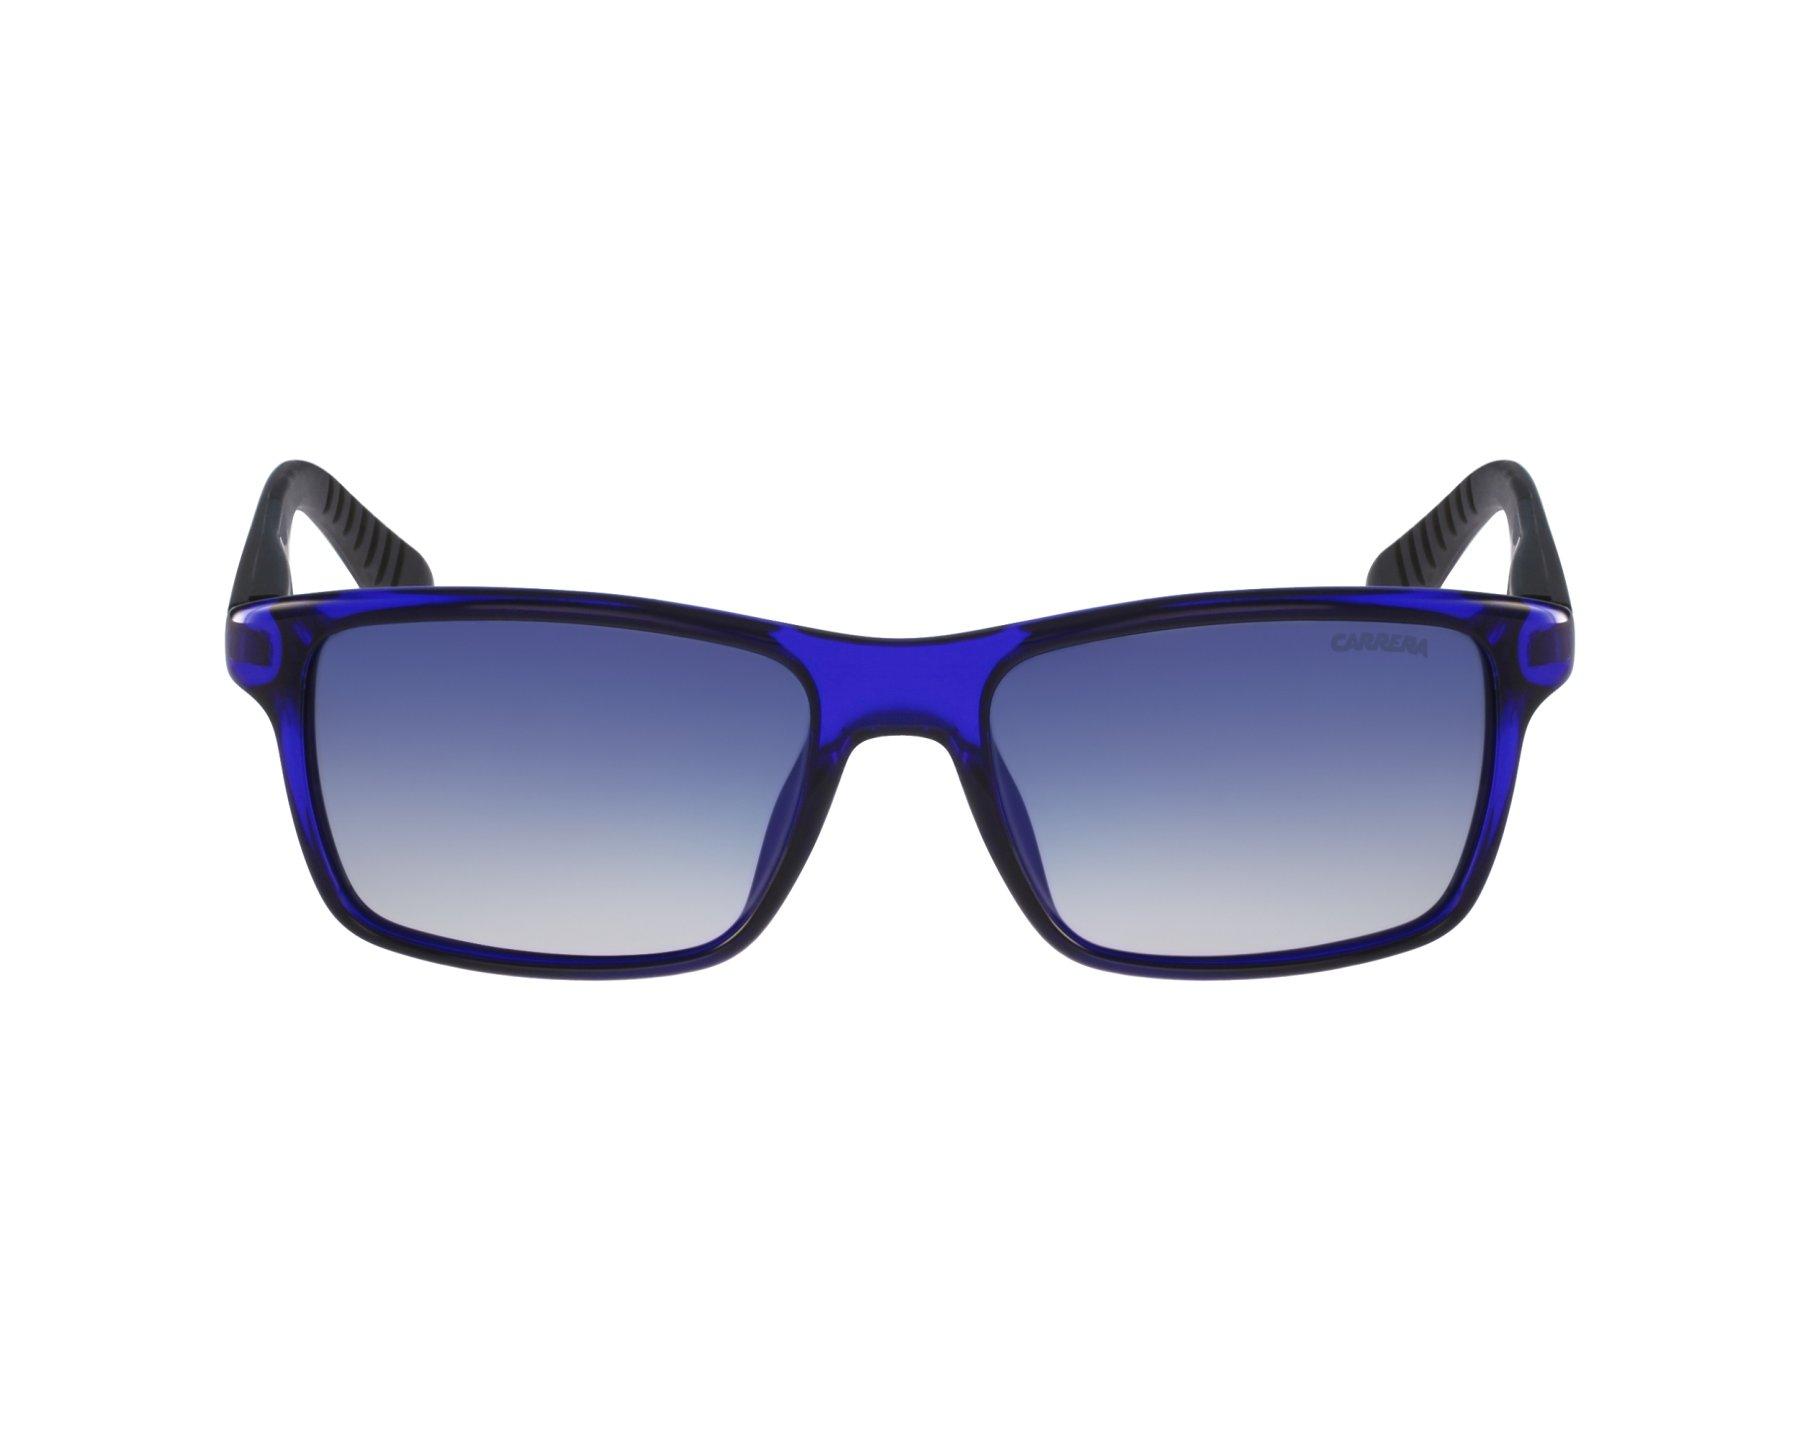 e210f48439cbc7 Lunettes de soleil Carrera 8002 0VI Z7 - Bleu Noir vue de profil